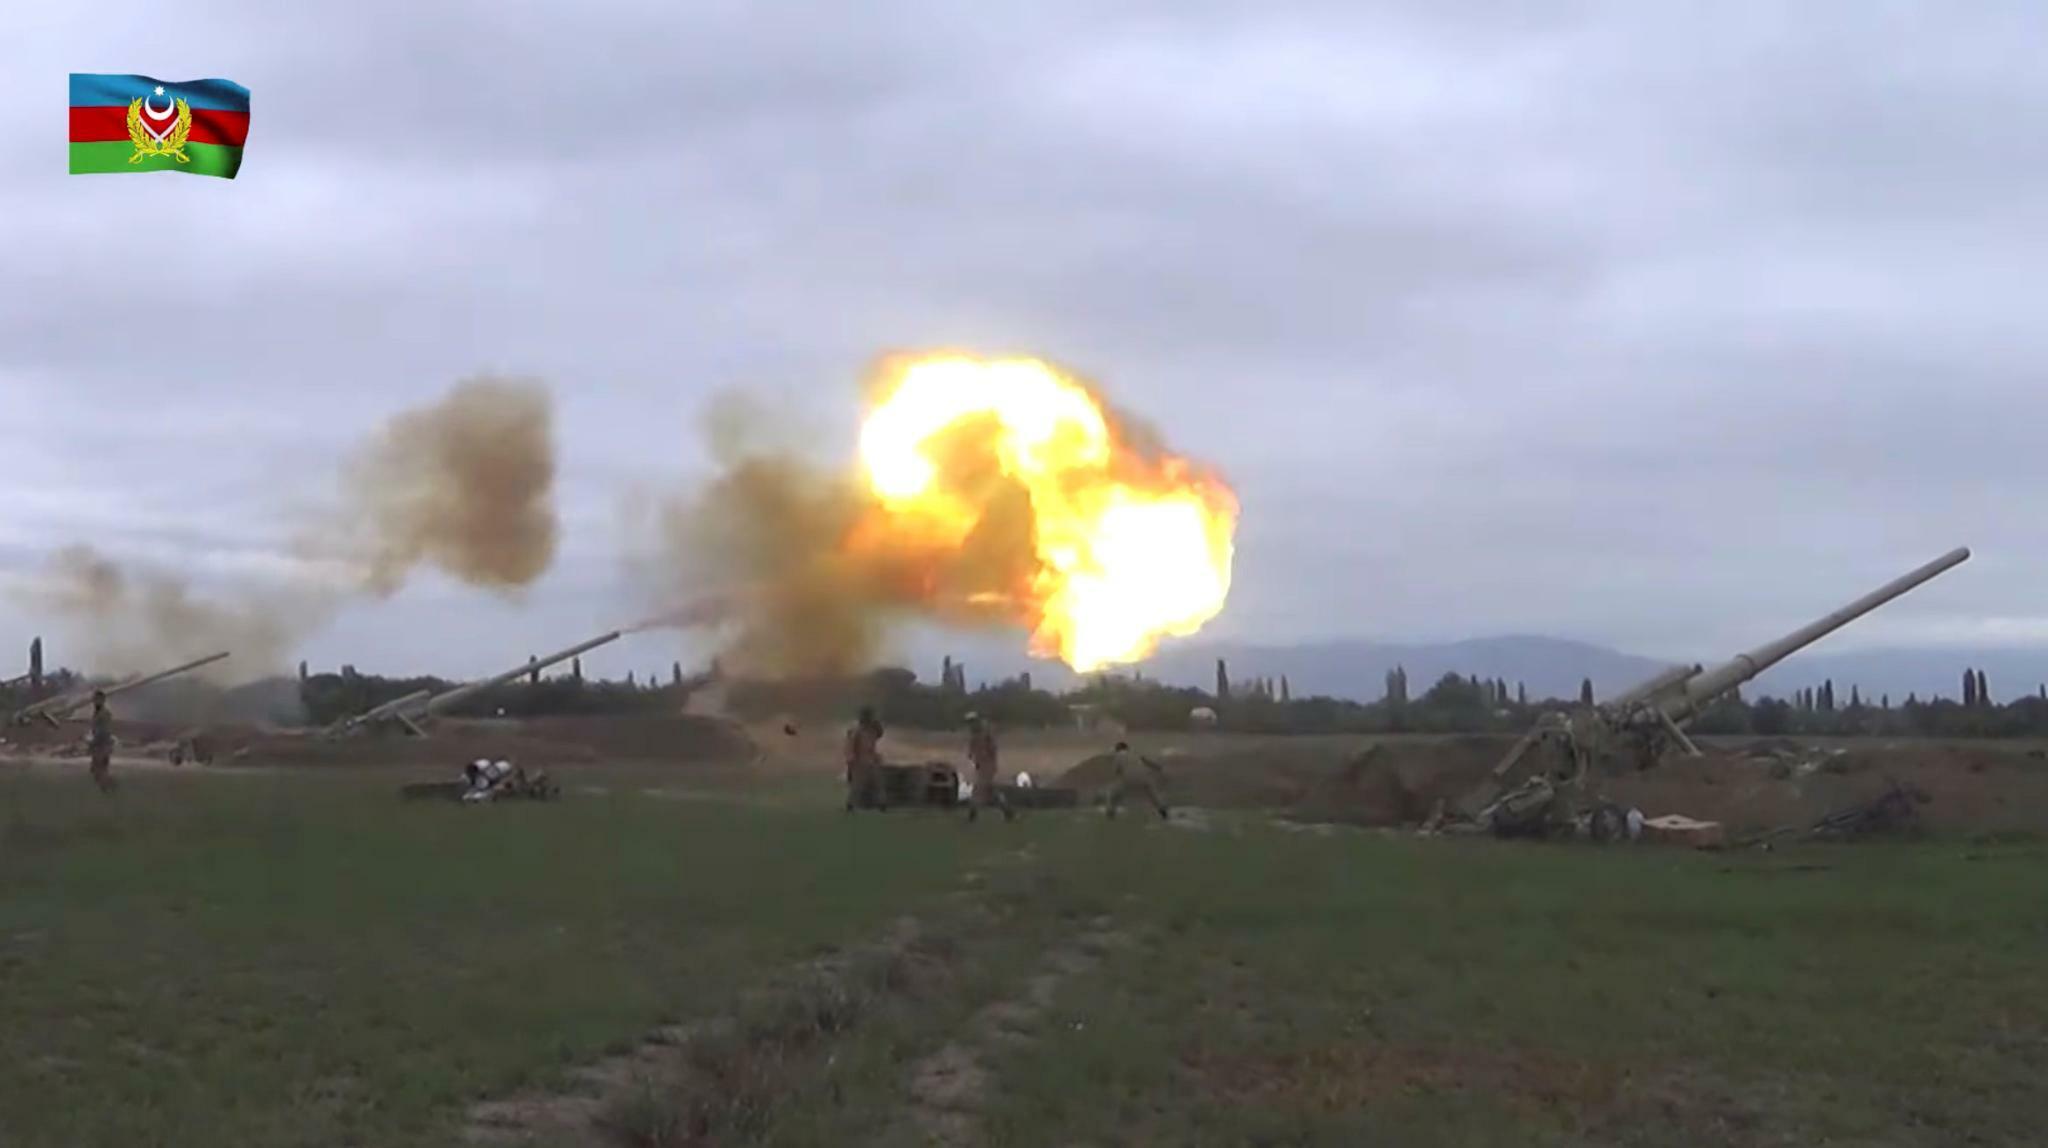 Krieg Im Kaukasus Die Wichtigsten Fragen Und Antworten